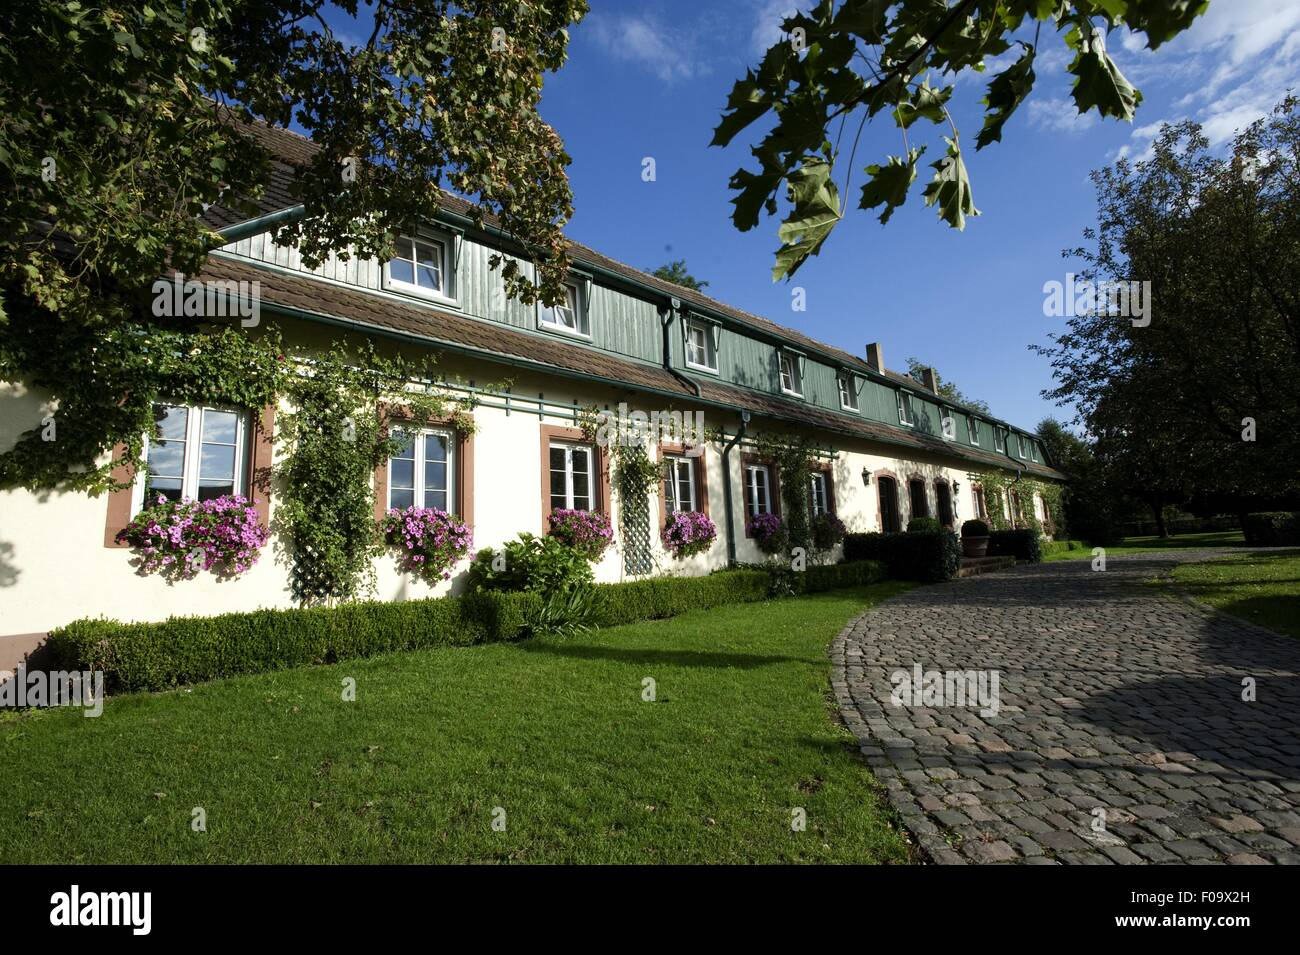 View of Romantik Hotel Linslerhof in Saarlouis, Saarland - Stock Image